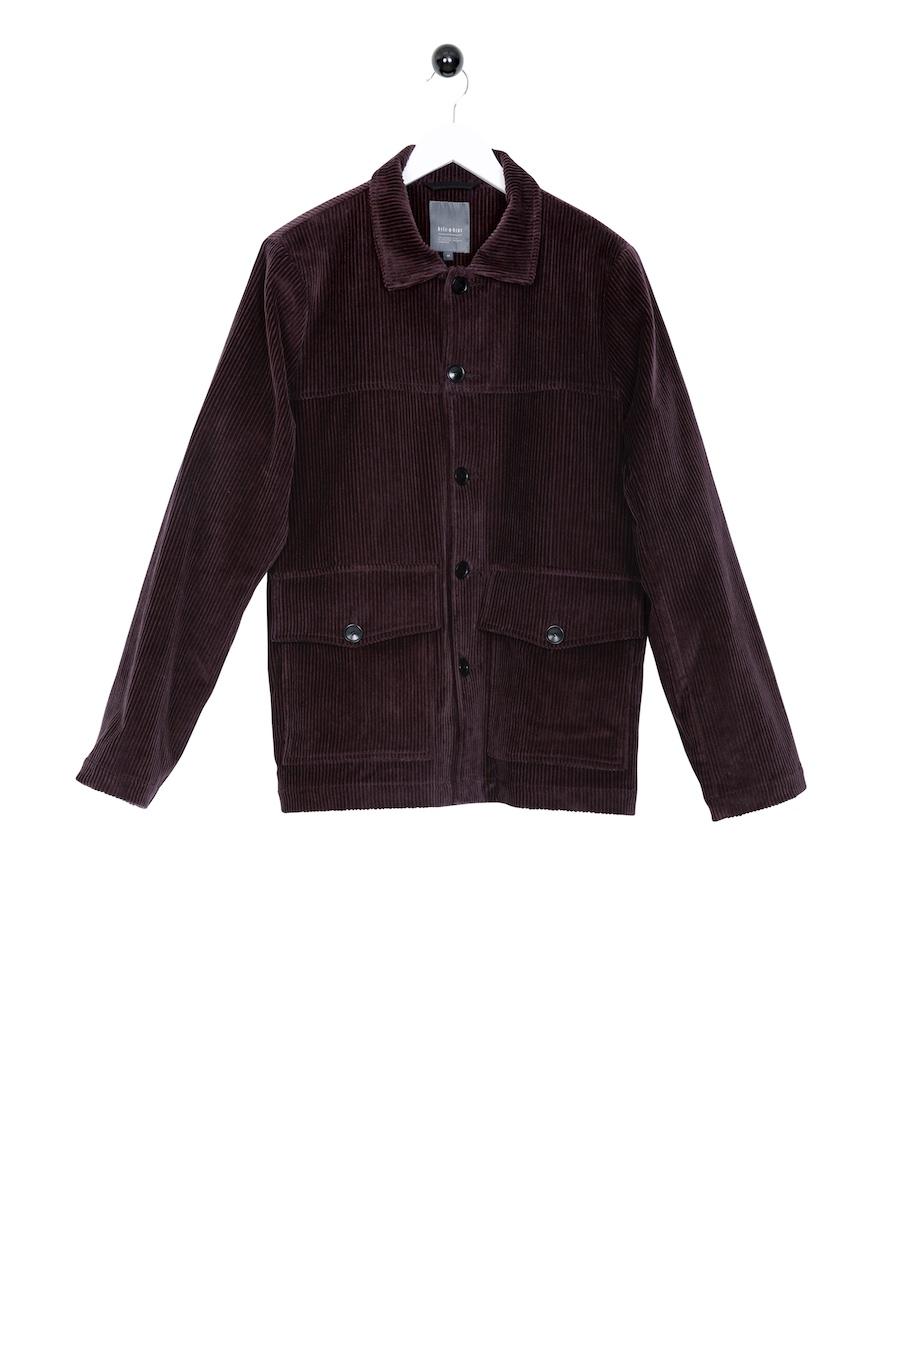 Melvish Jacket